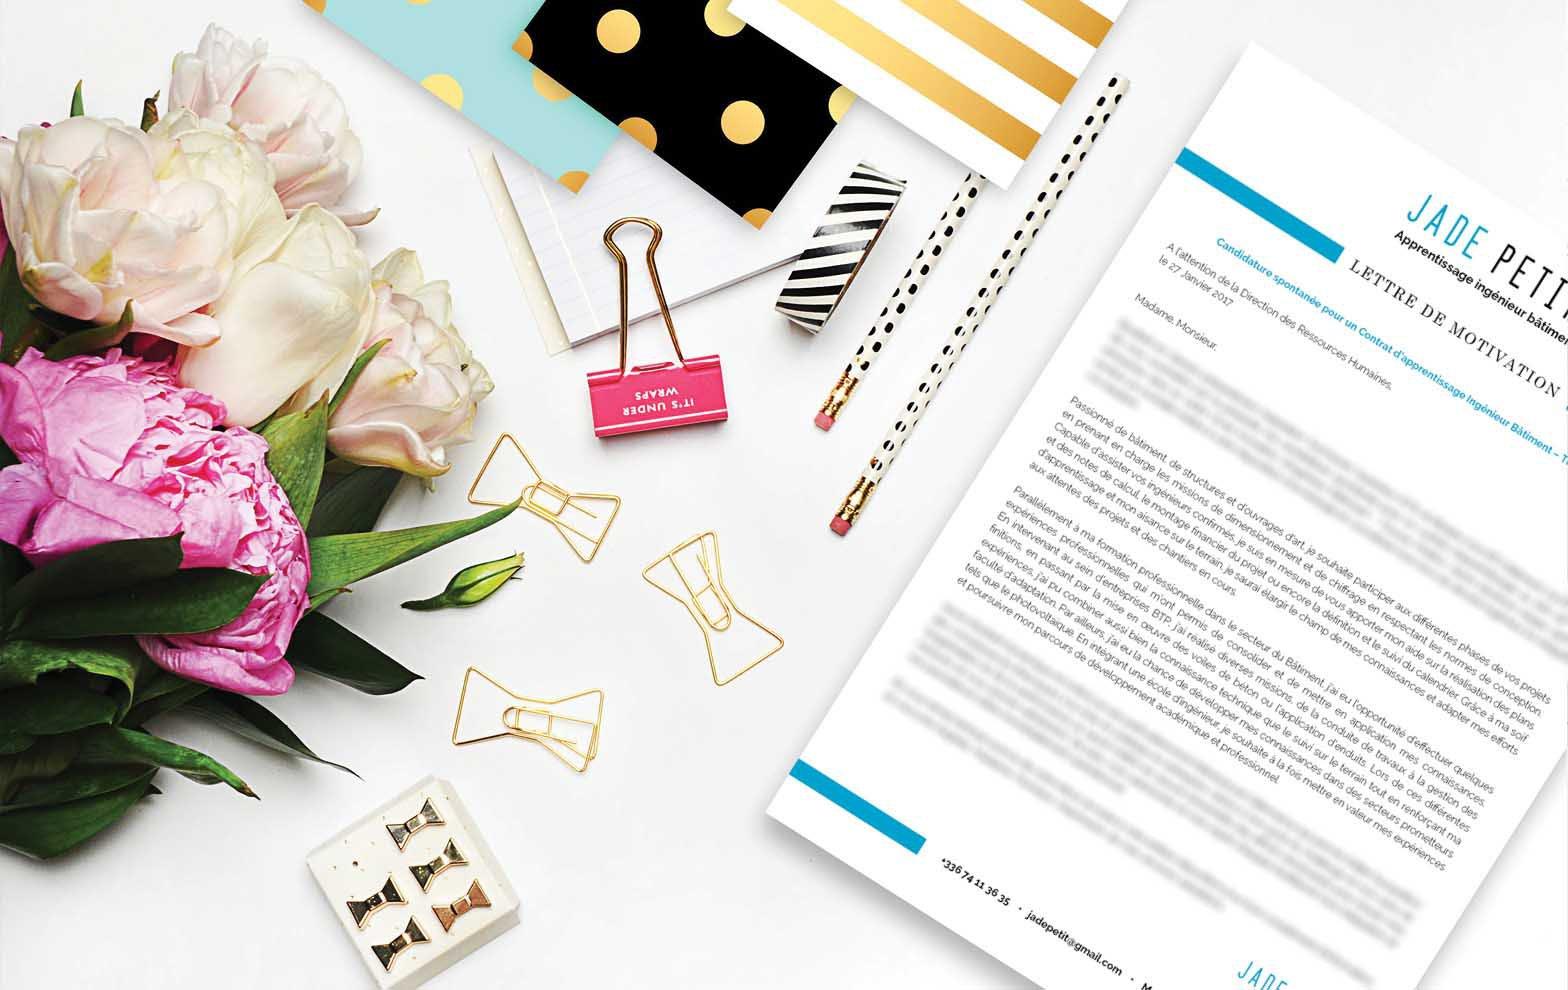 Une lettre de motivation type recommandée pour un métier dans le secteur du social et des services à la personne.